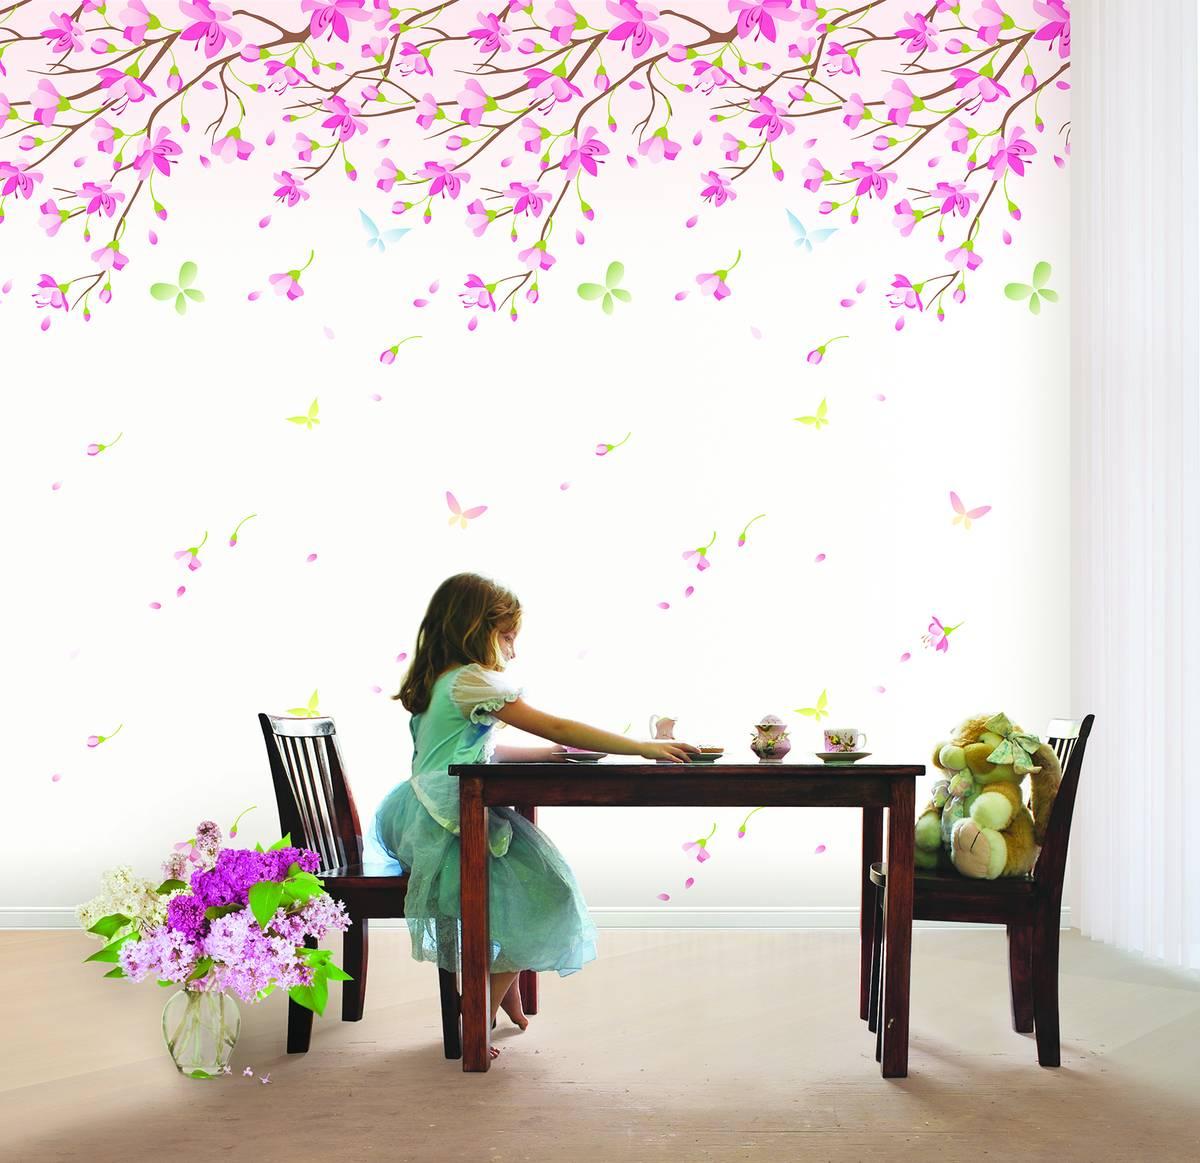 Сбор заказов. Детские коллекции уникальных дизайнерских обоев из Кореи. Новинки 2015г! Качество, экологичность, уникальный дизайн (Hello Kitty, Disney). Оригинальные обои для спальни, кухни, гостиной. Выкуп-2.